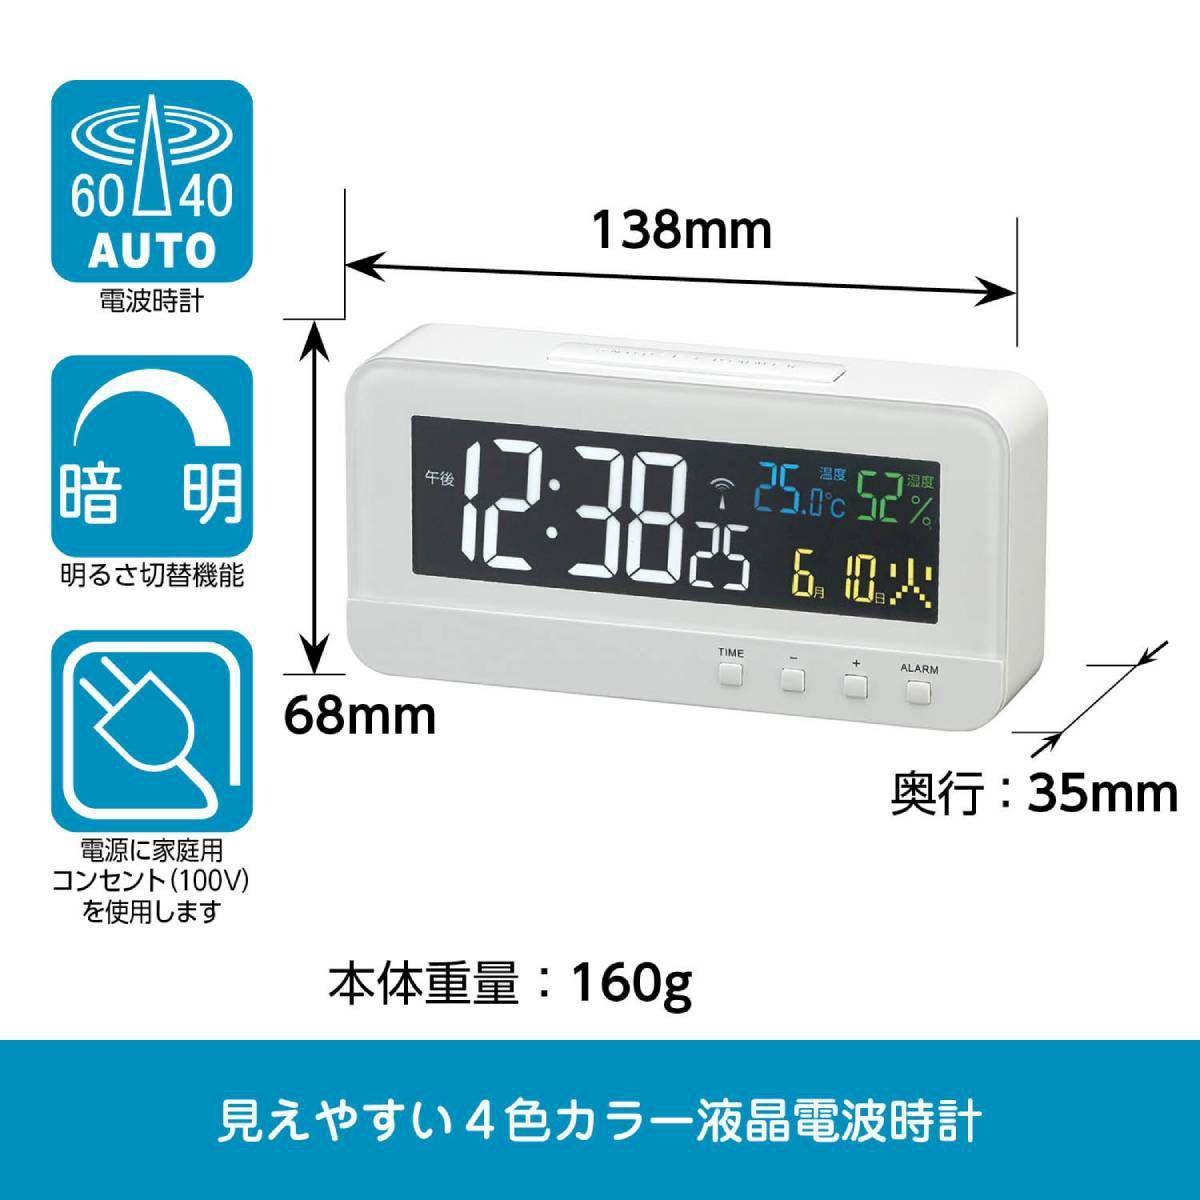 MAG(マグ) 電波置時計 カラーハープ T-684